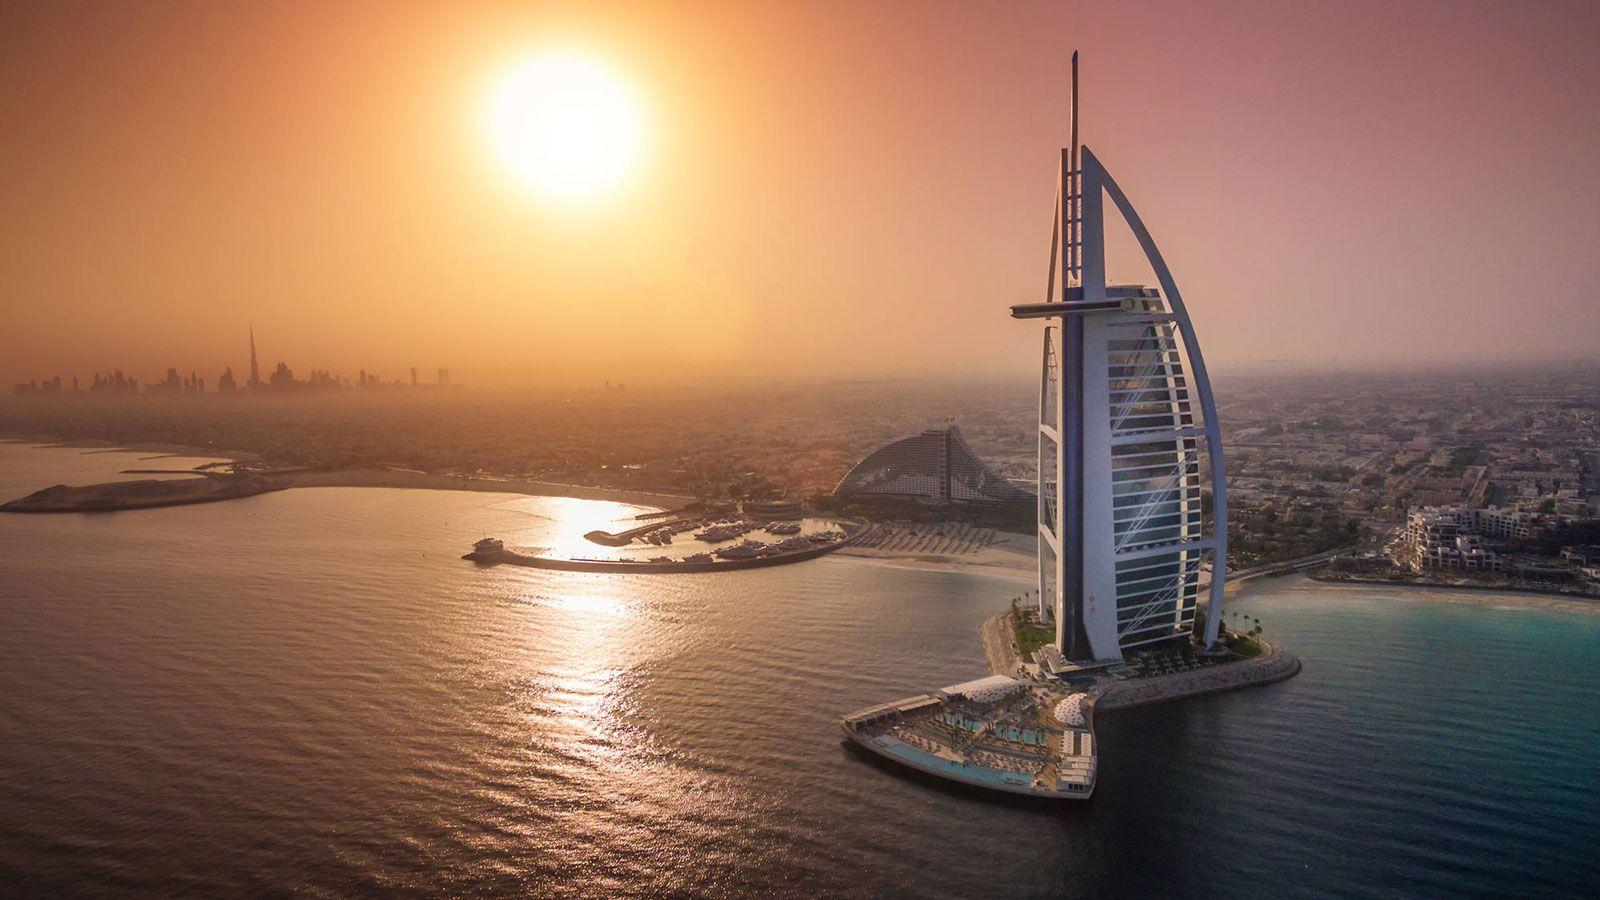 Dubai - Burj-al-Arab